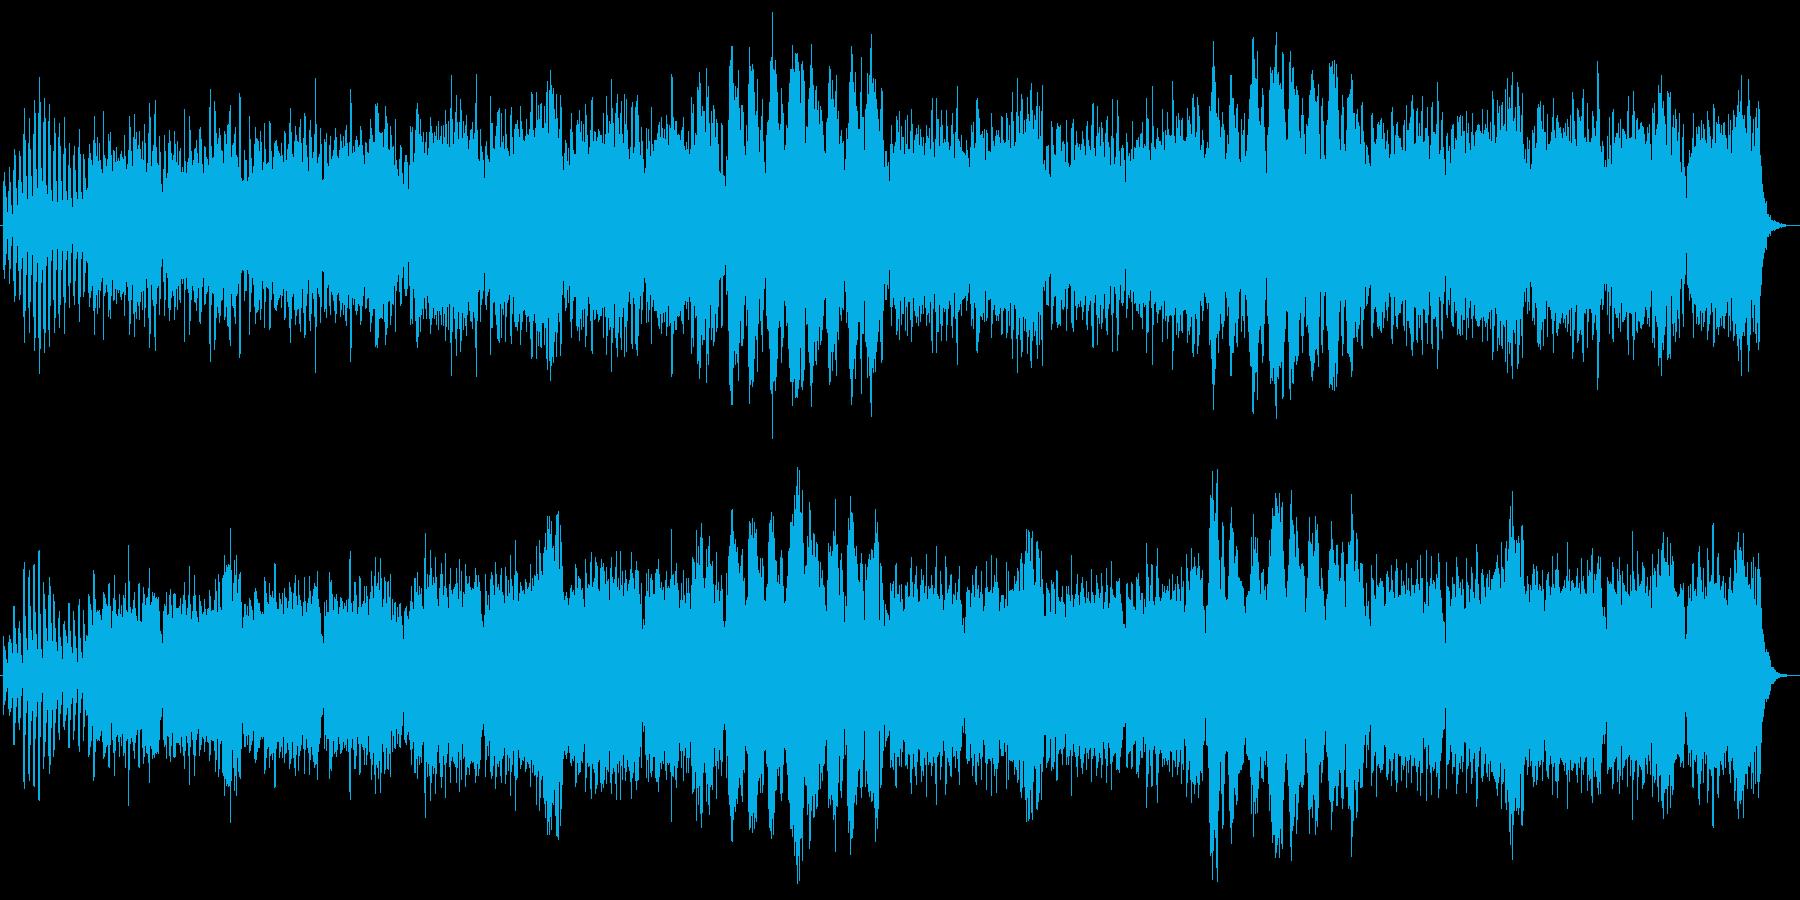 宇宙的な広がりのある曲、さわやか感もありの再生済みの波形